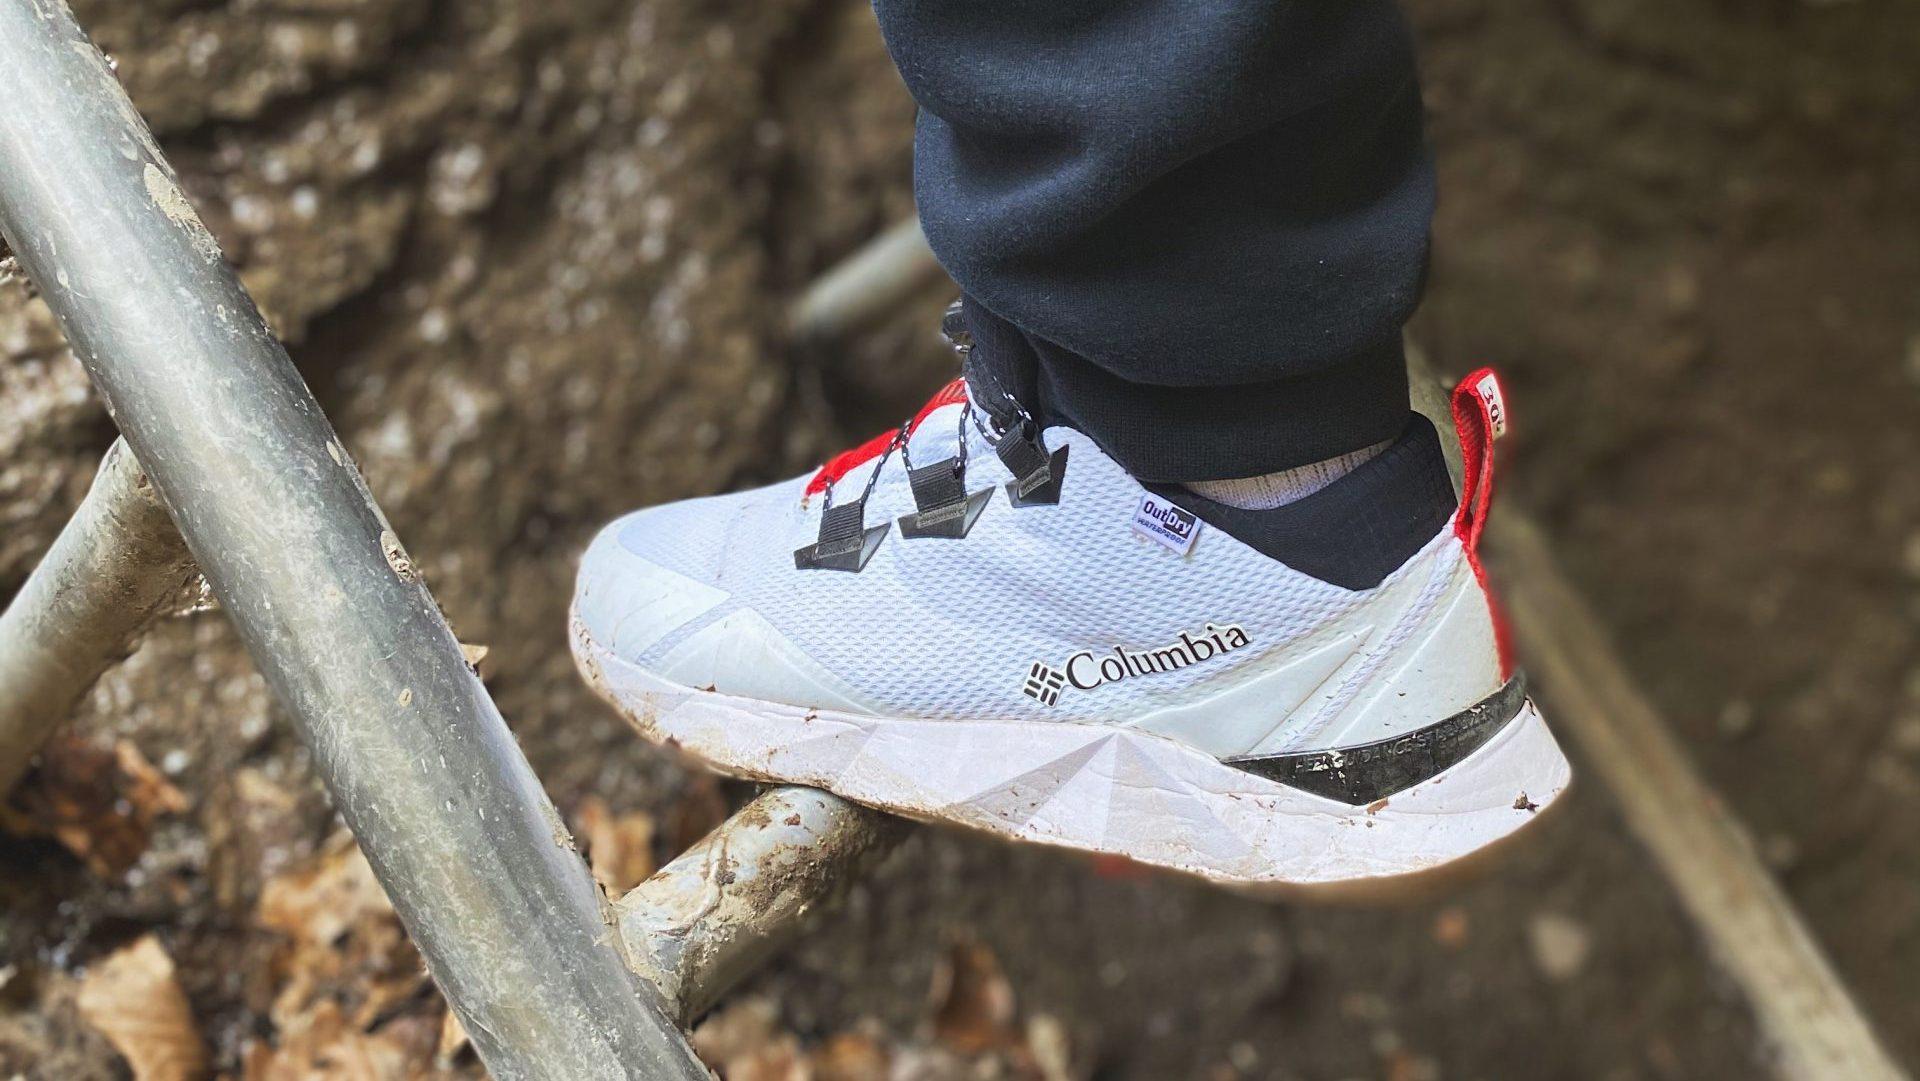 Columbia Facet 30 - a nagy túra sneaker teszt Dobogókőn